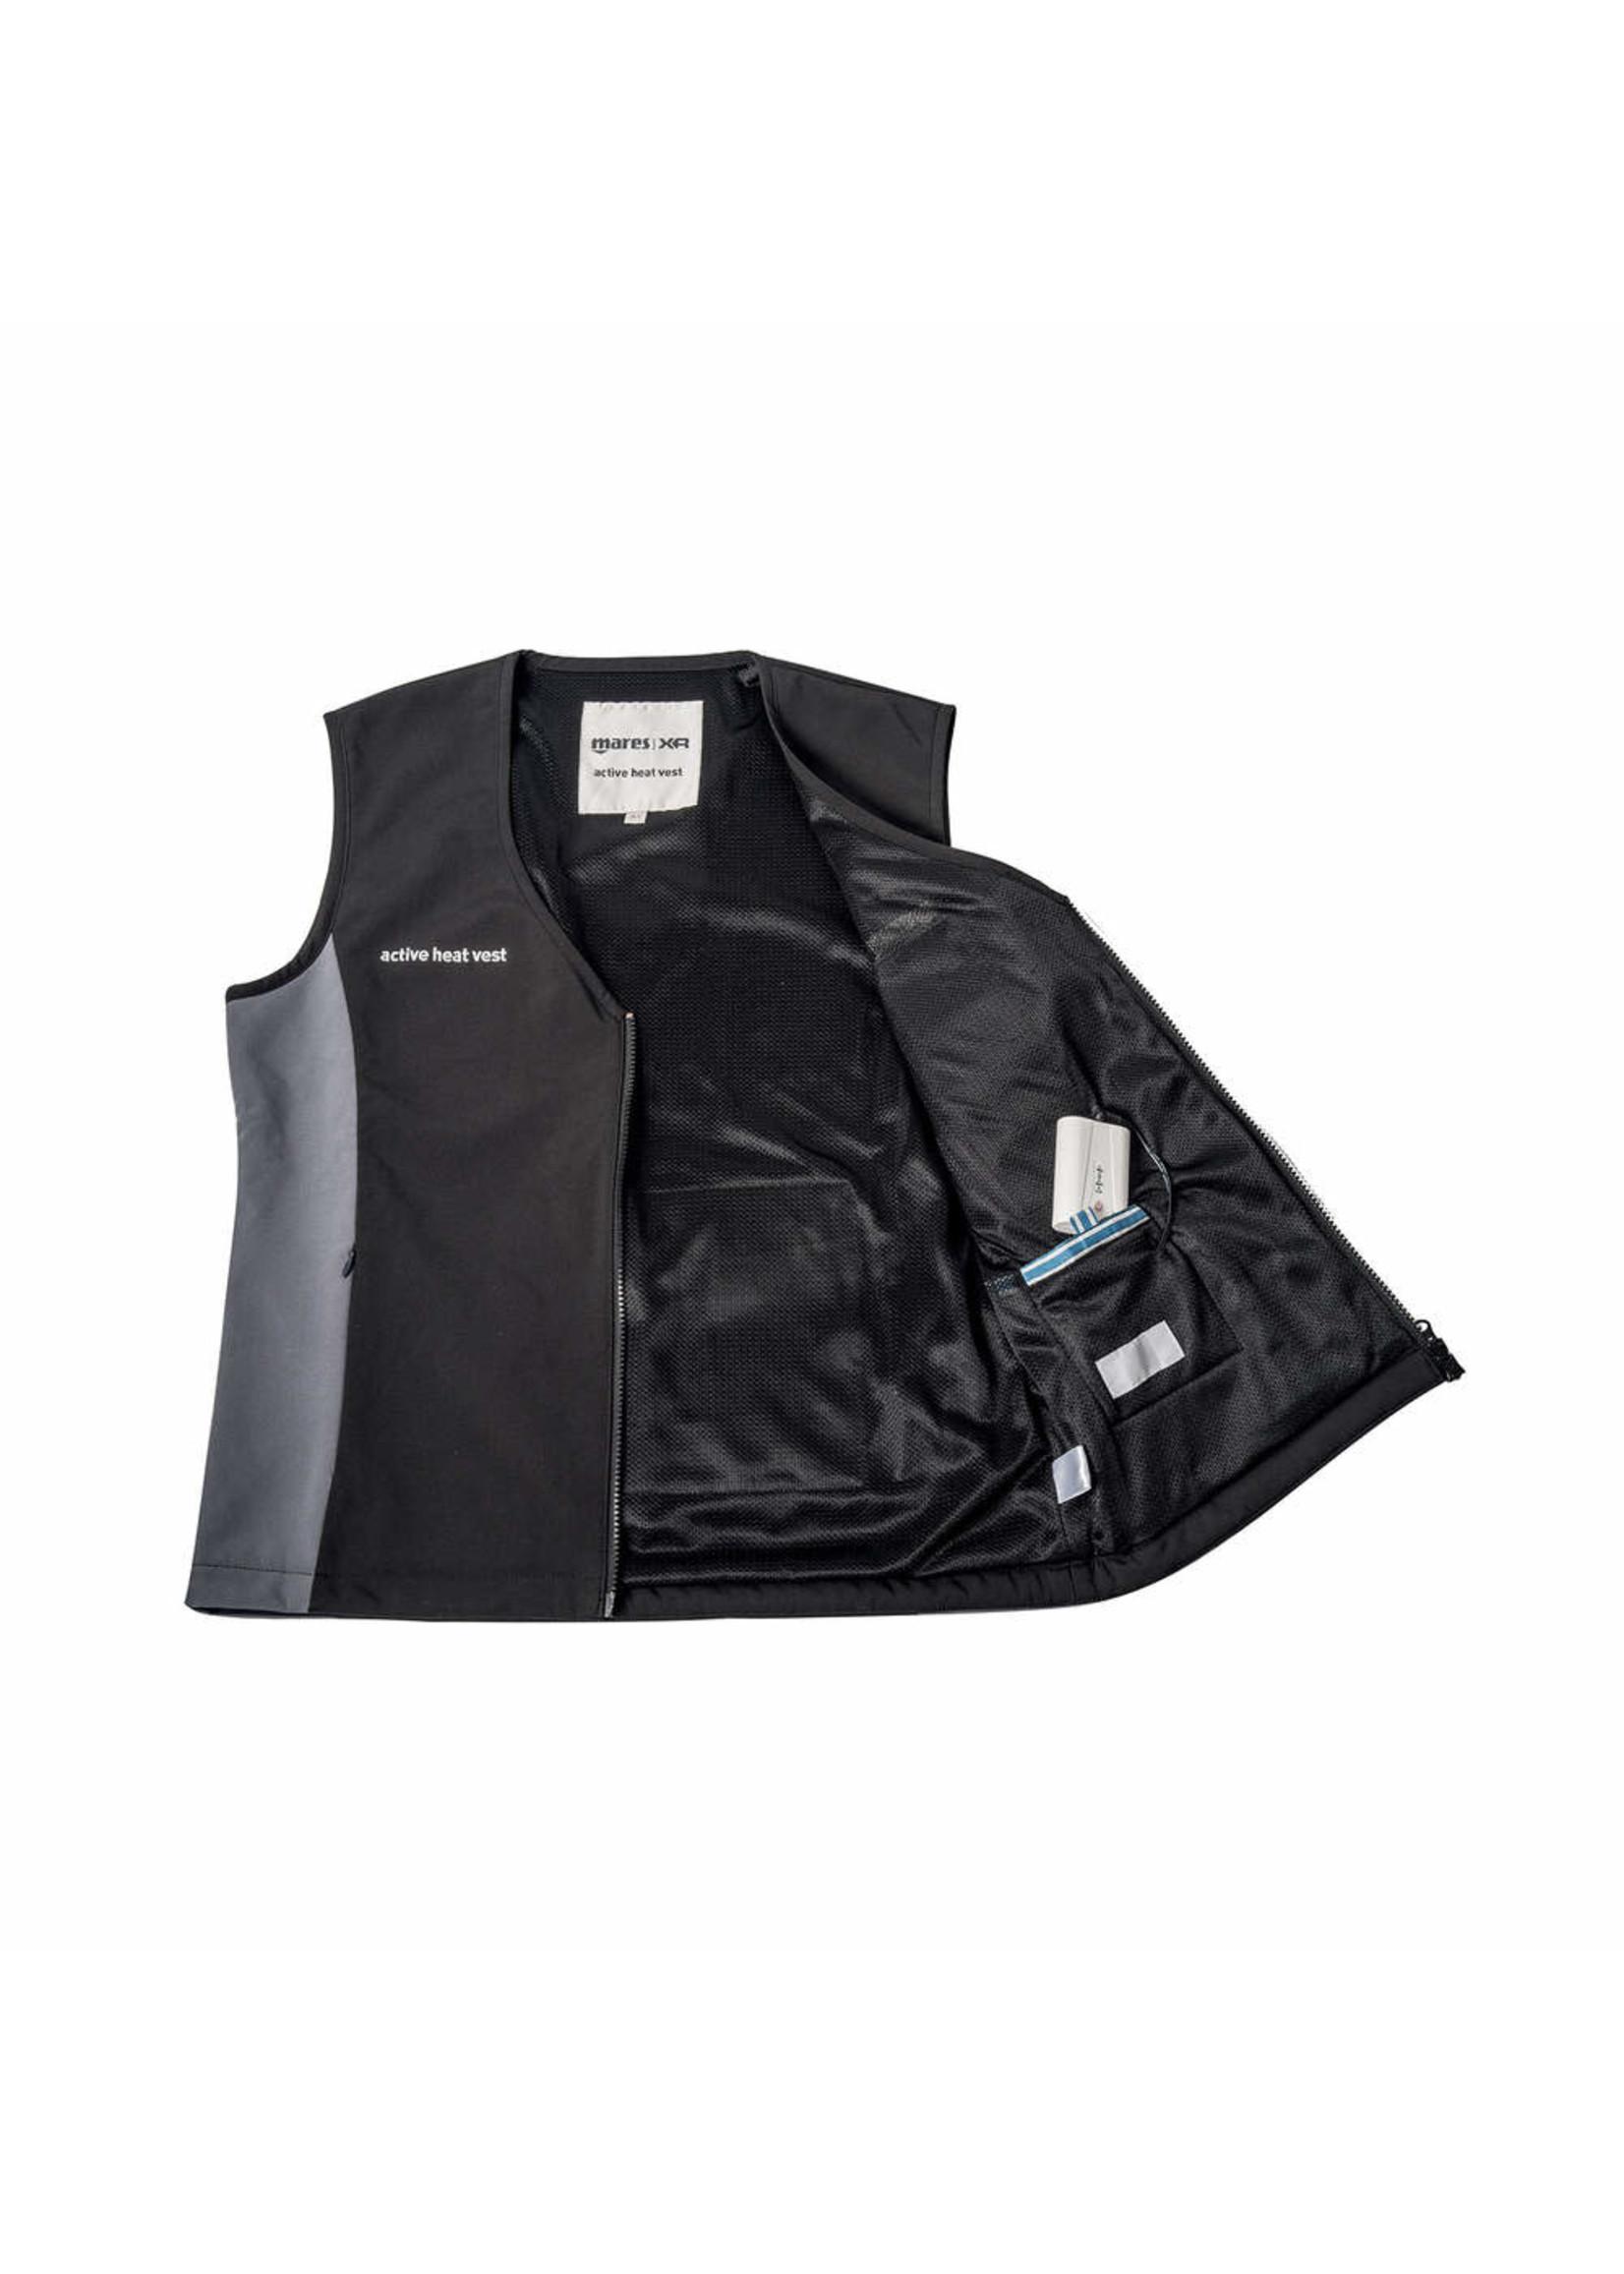 Mares Active Heating Vest